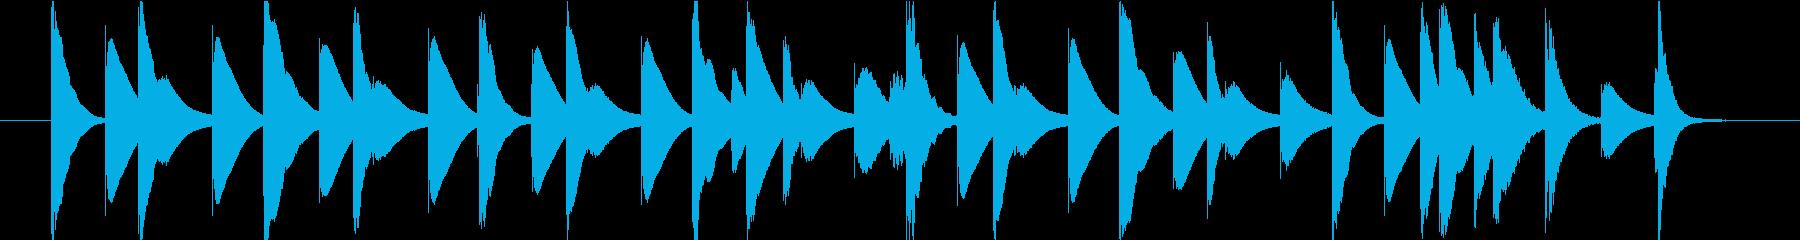 ほのぼのとした木琴のジングルの再生済みの波形